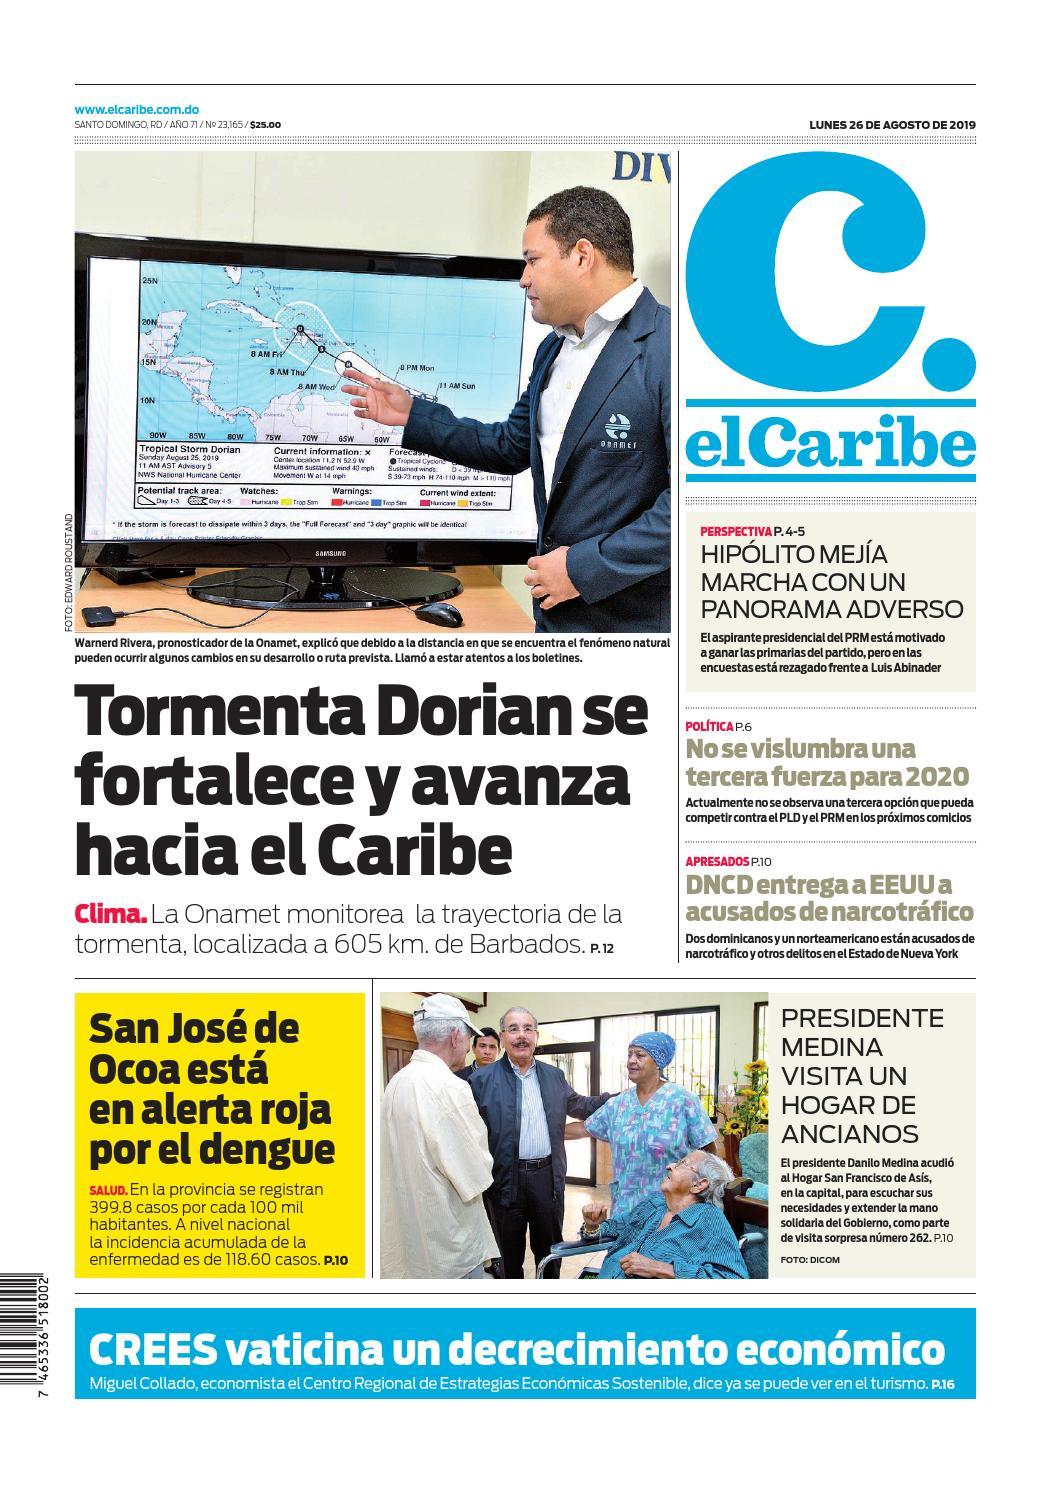 Portada Periódico El Caribe, Lunes 26 de Agosto, 2019